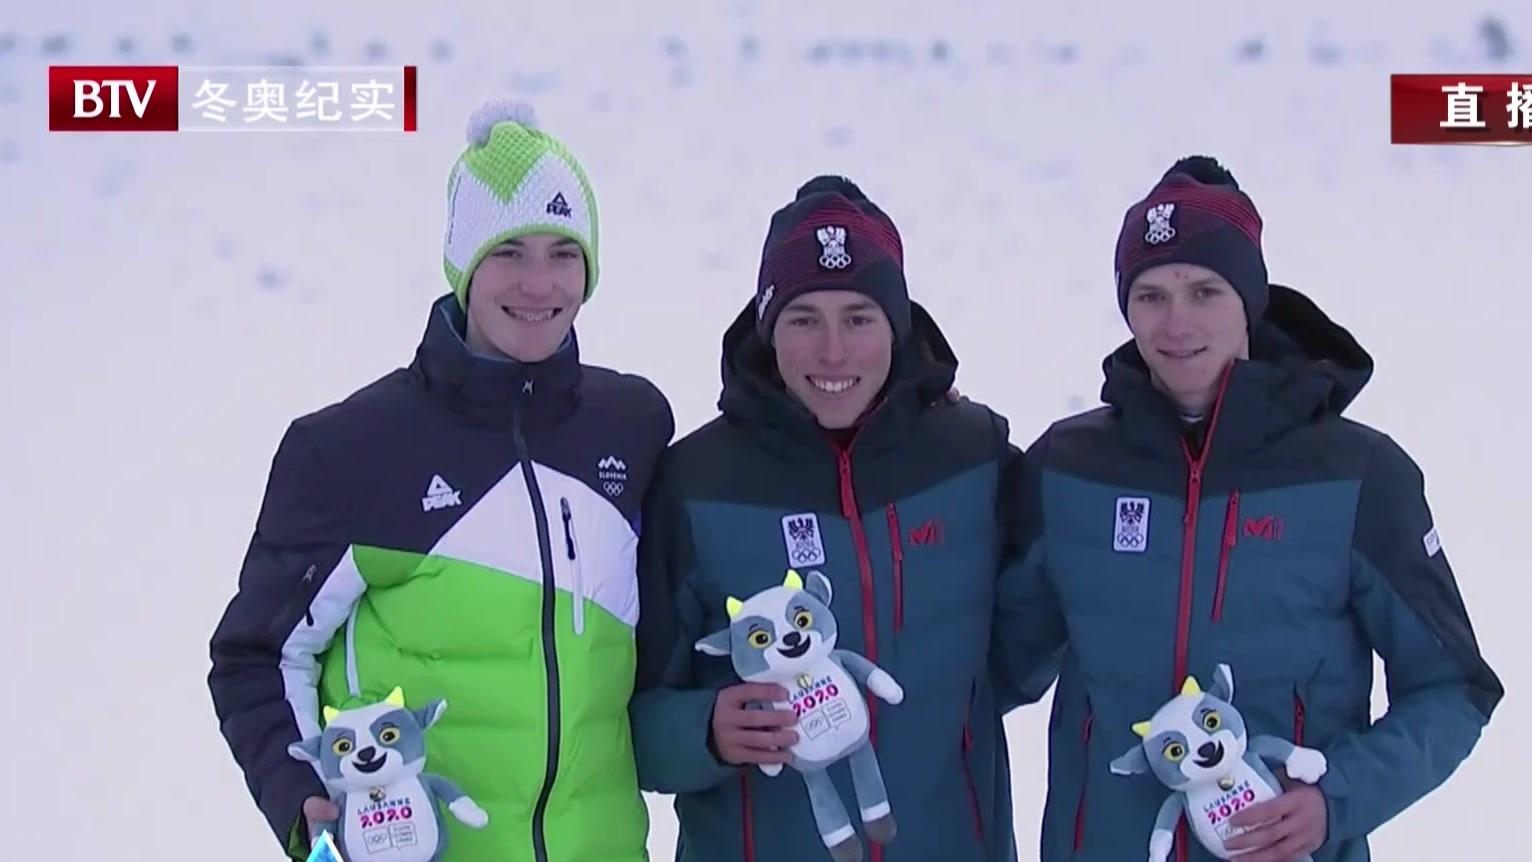 男子跳台滑雪:奥地利打破斯洛文尼亚垄断